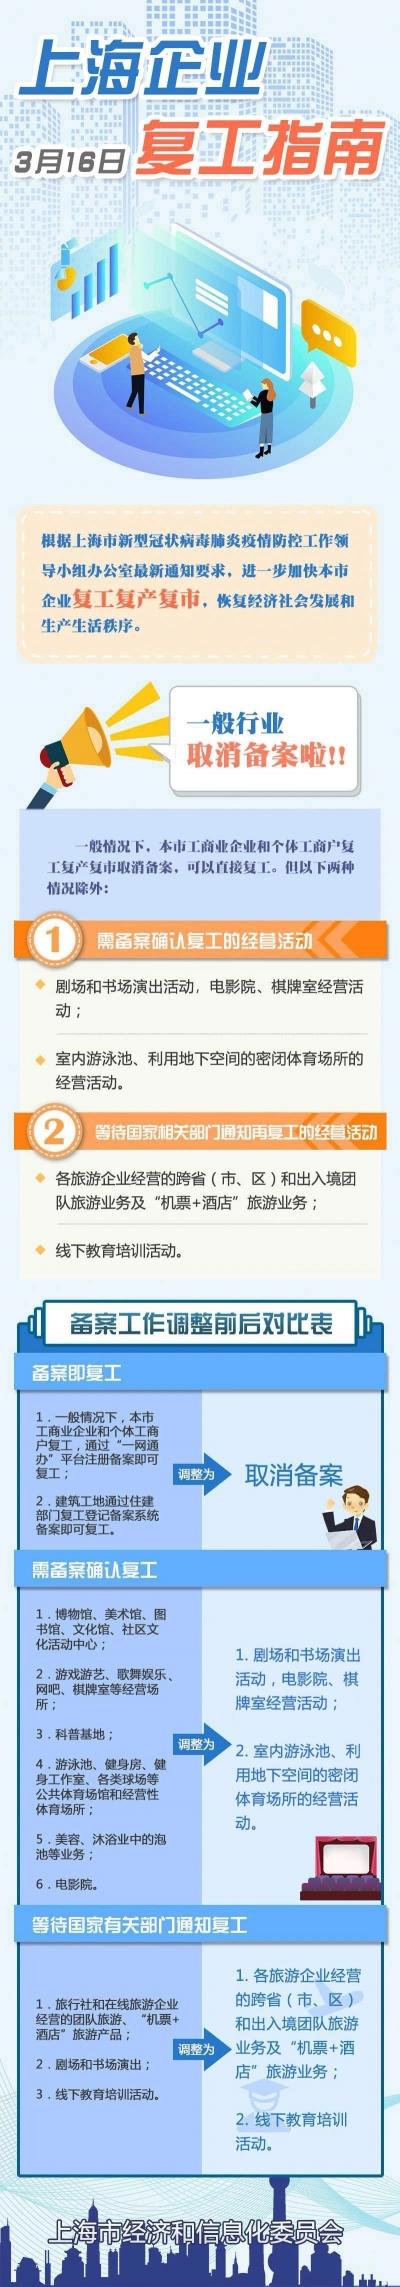 上海企业复工指南4.0版公布:一般行业取消备案!